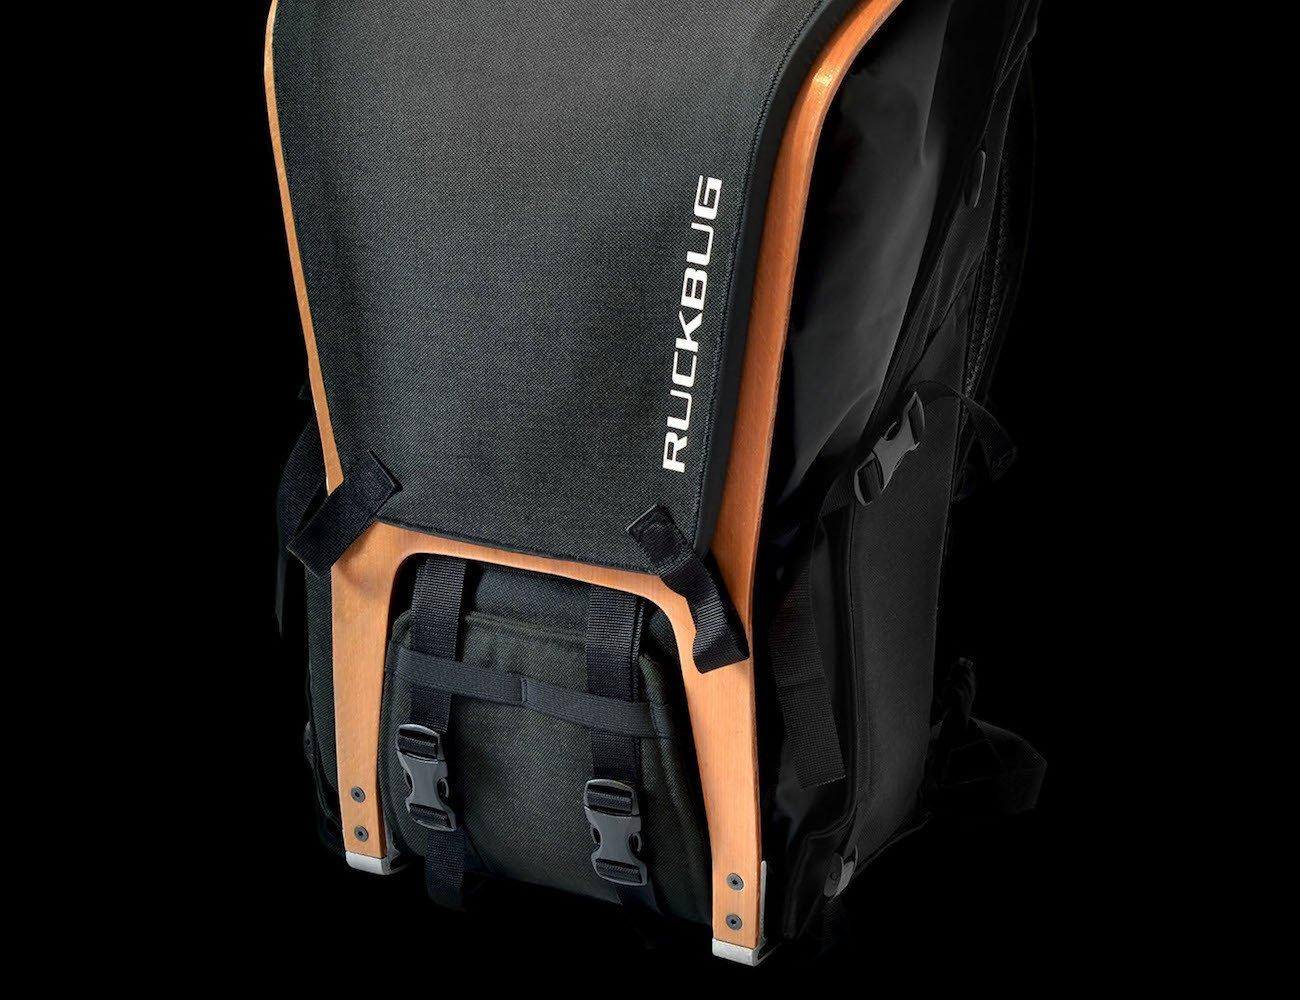 Ruckbug External Frame Backpack